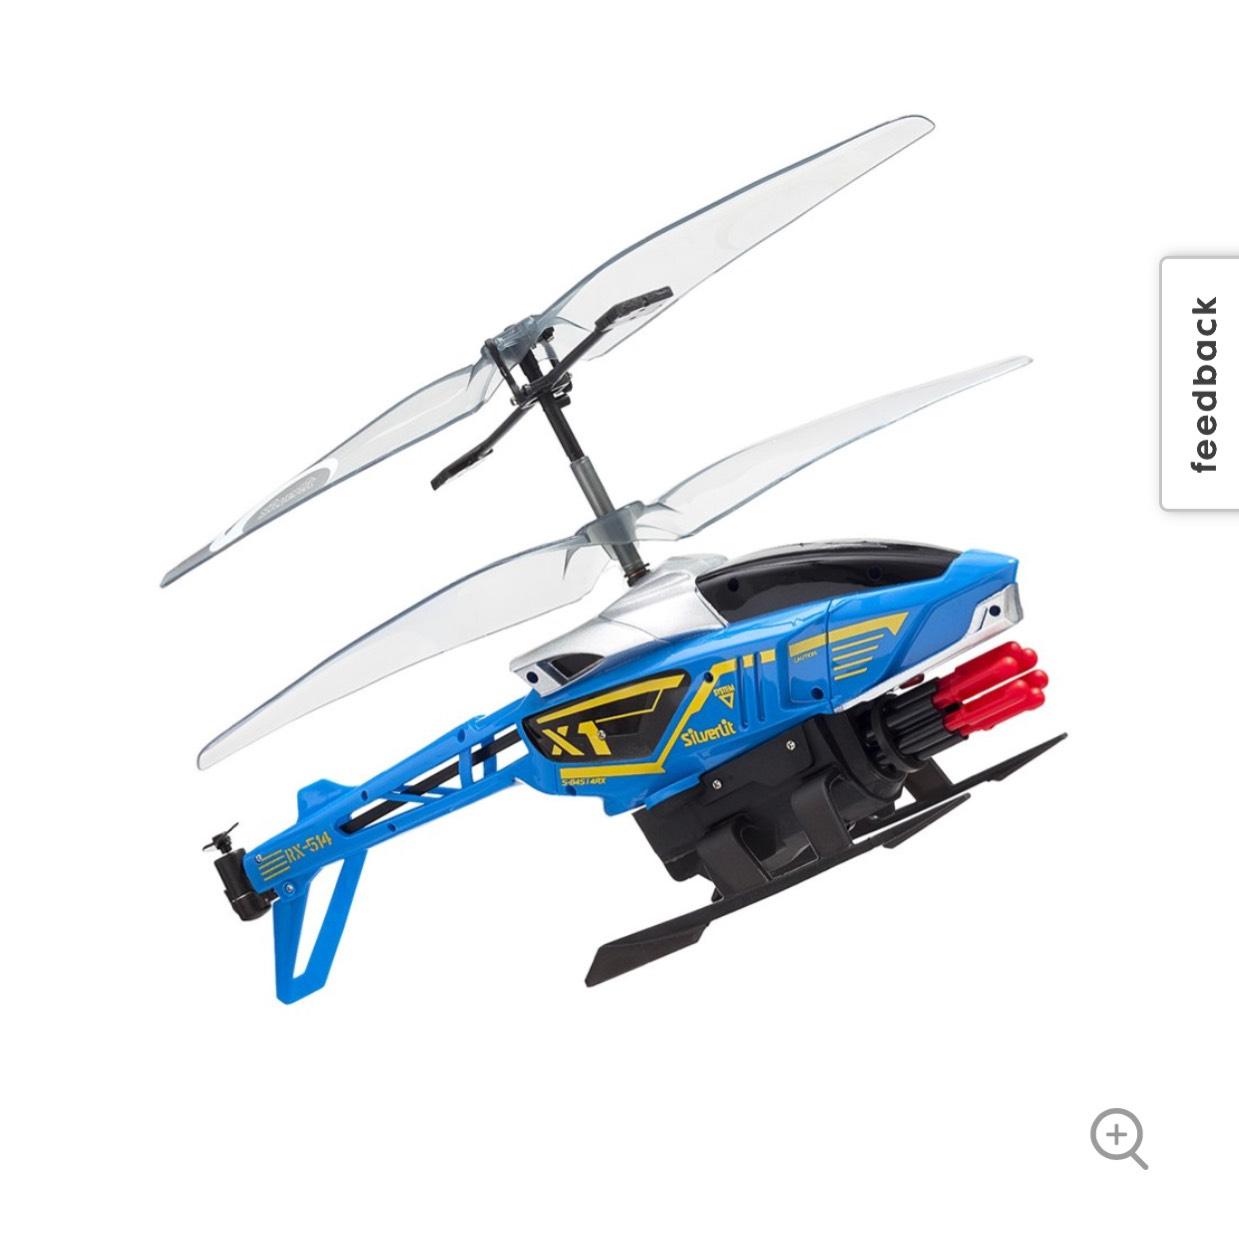 HEMA Helicopter van 20€ nu 5€ Update